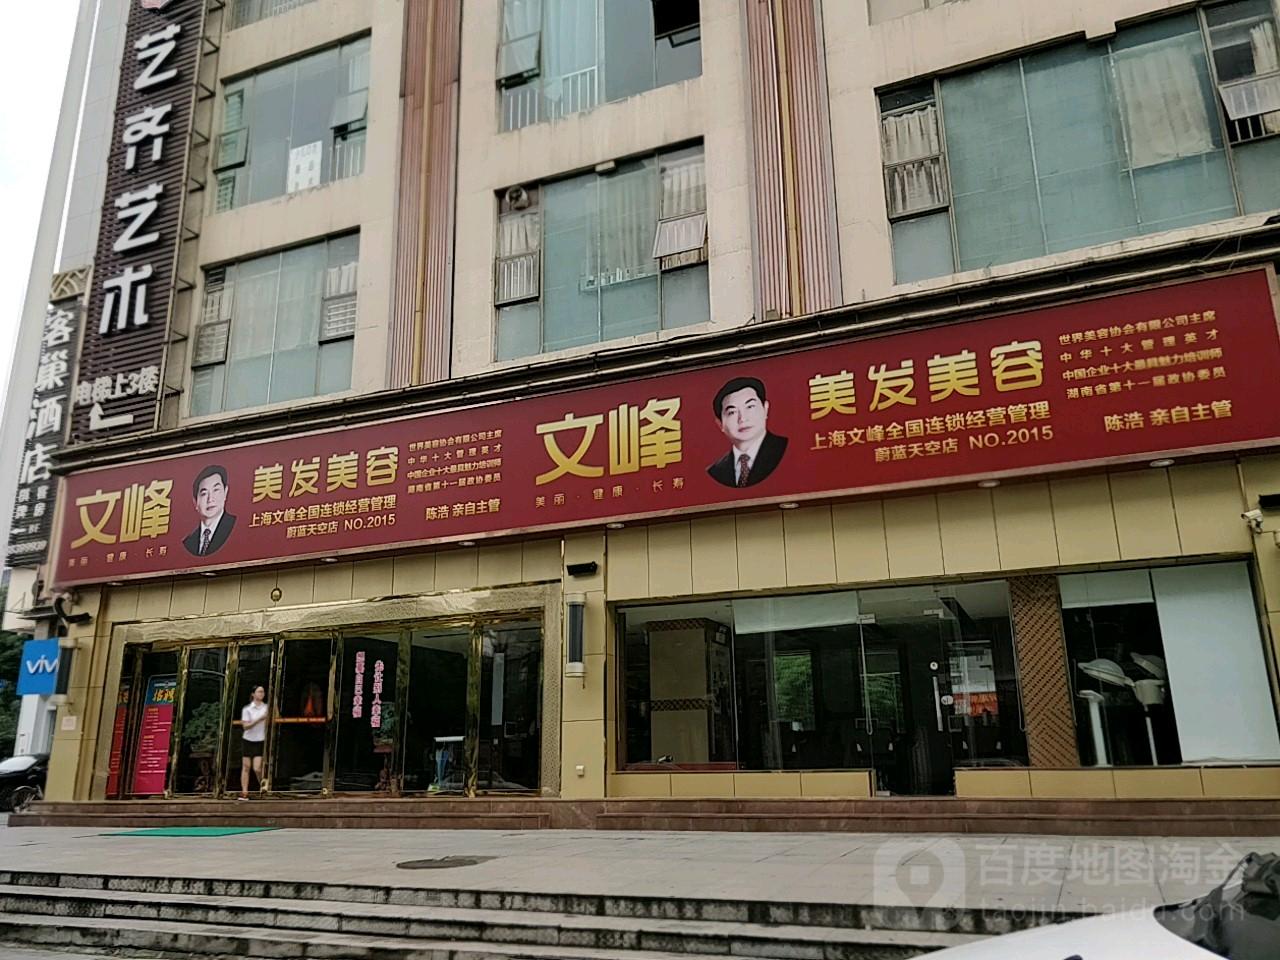 文峰美容美发(长沙十五店)图片